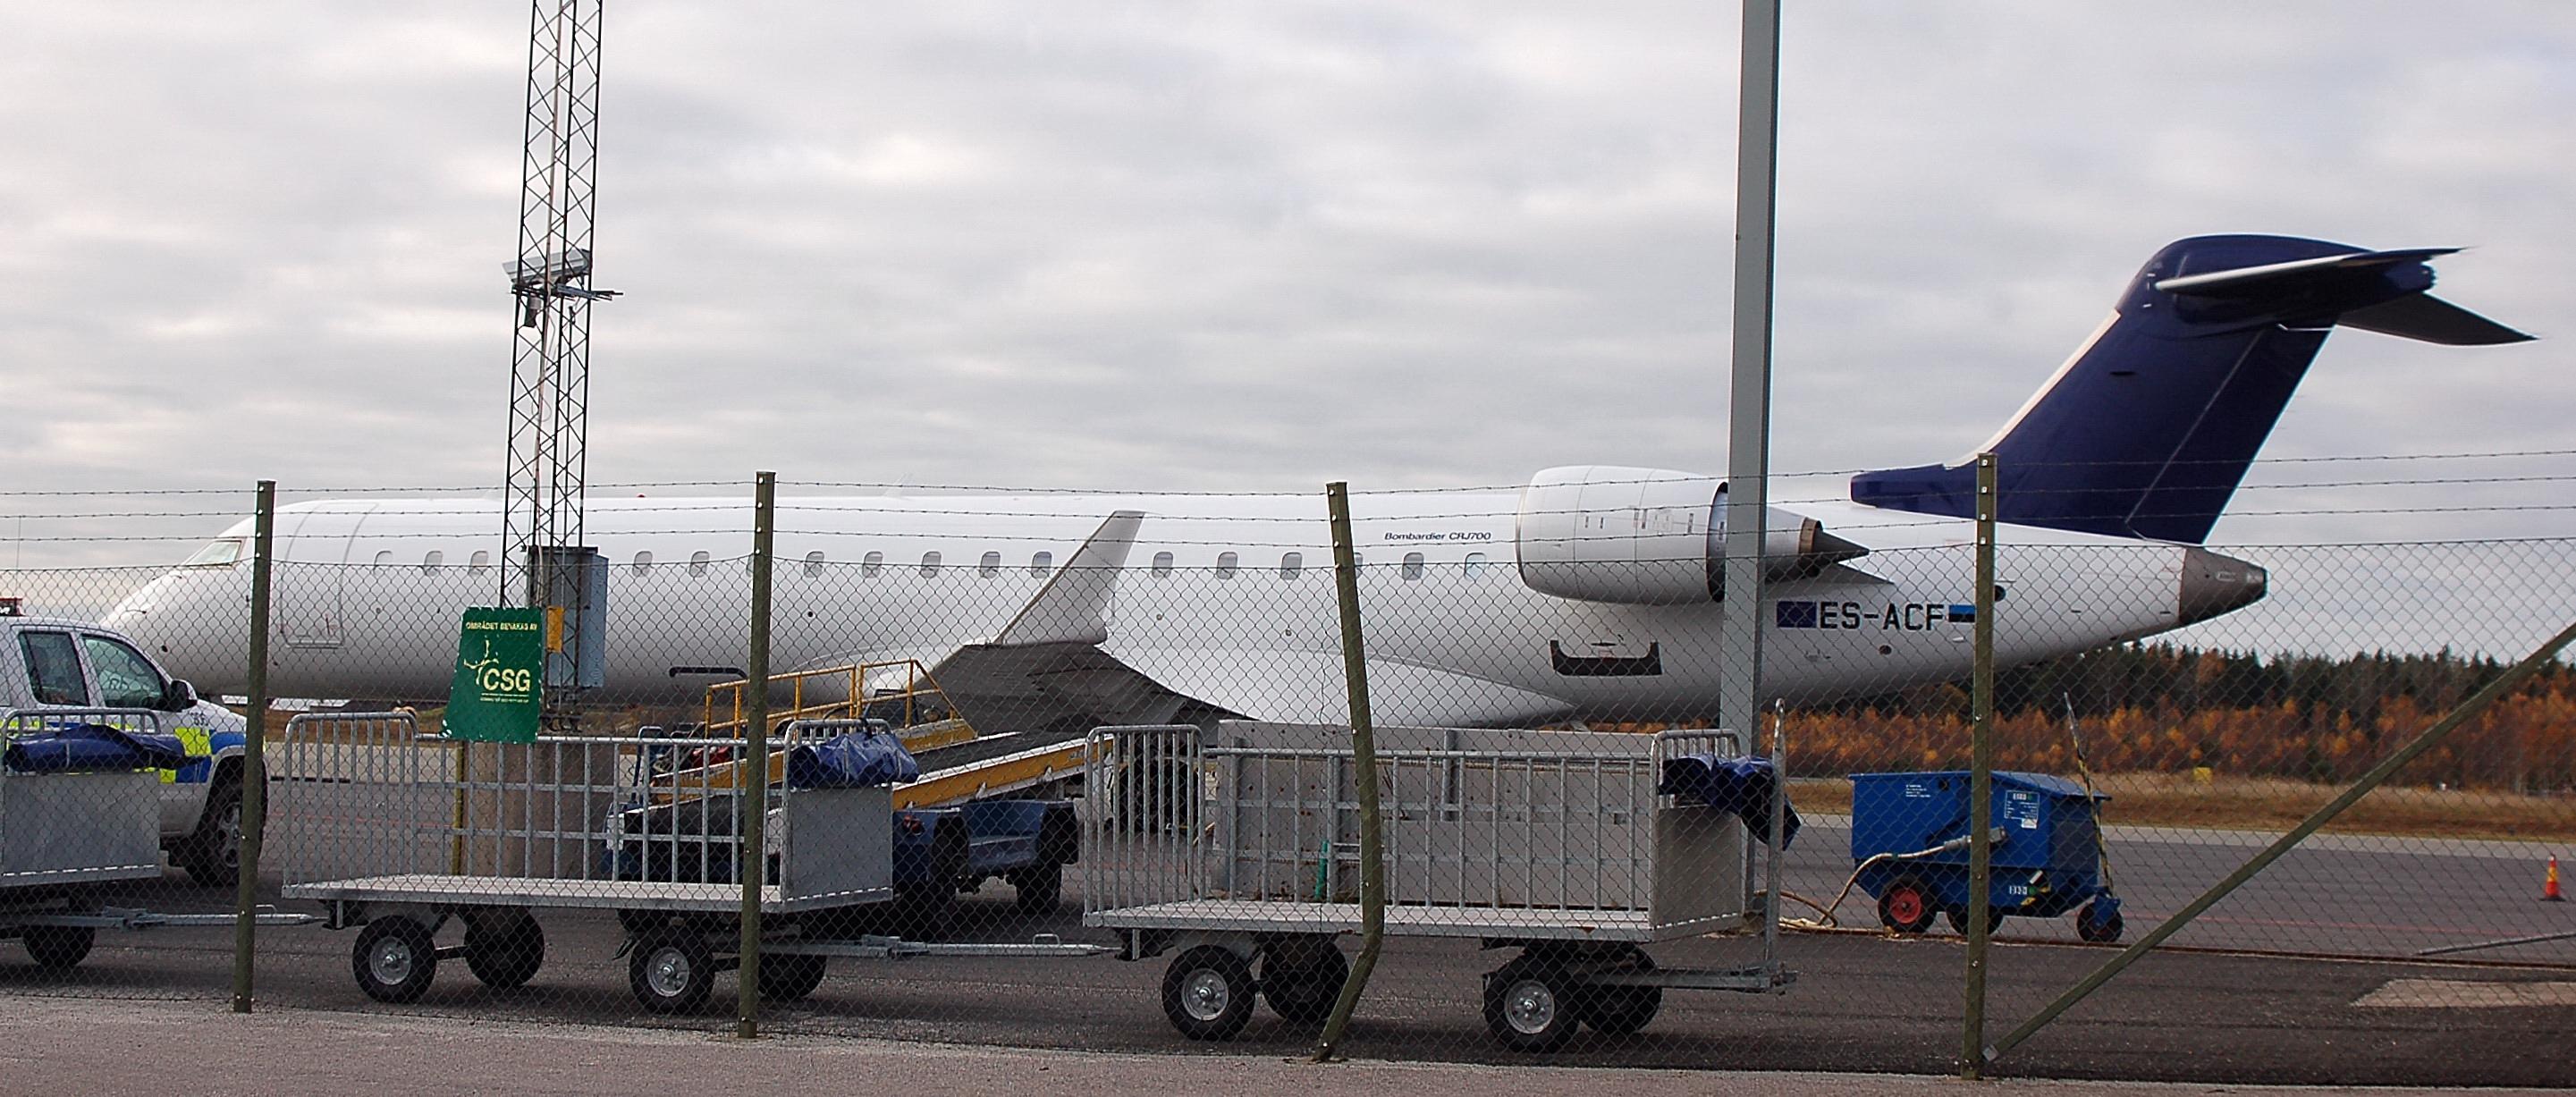 Bildresultat för örebro airport